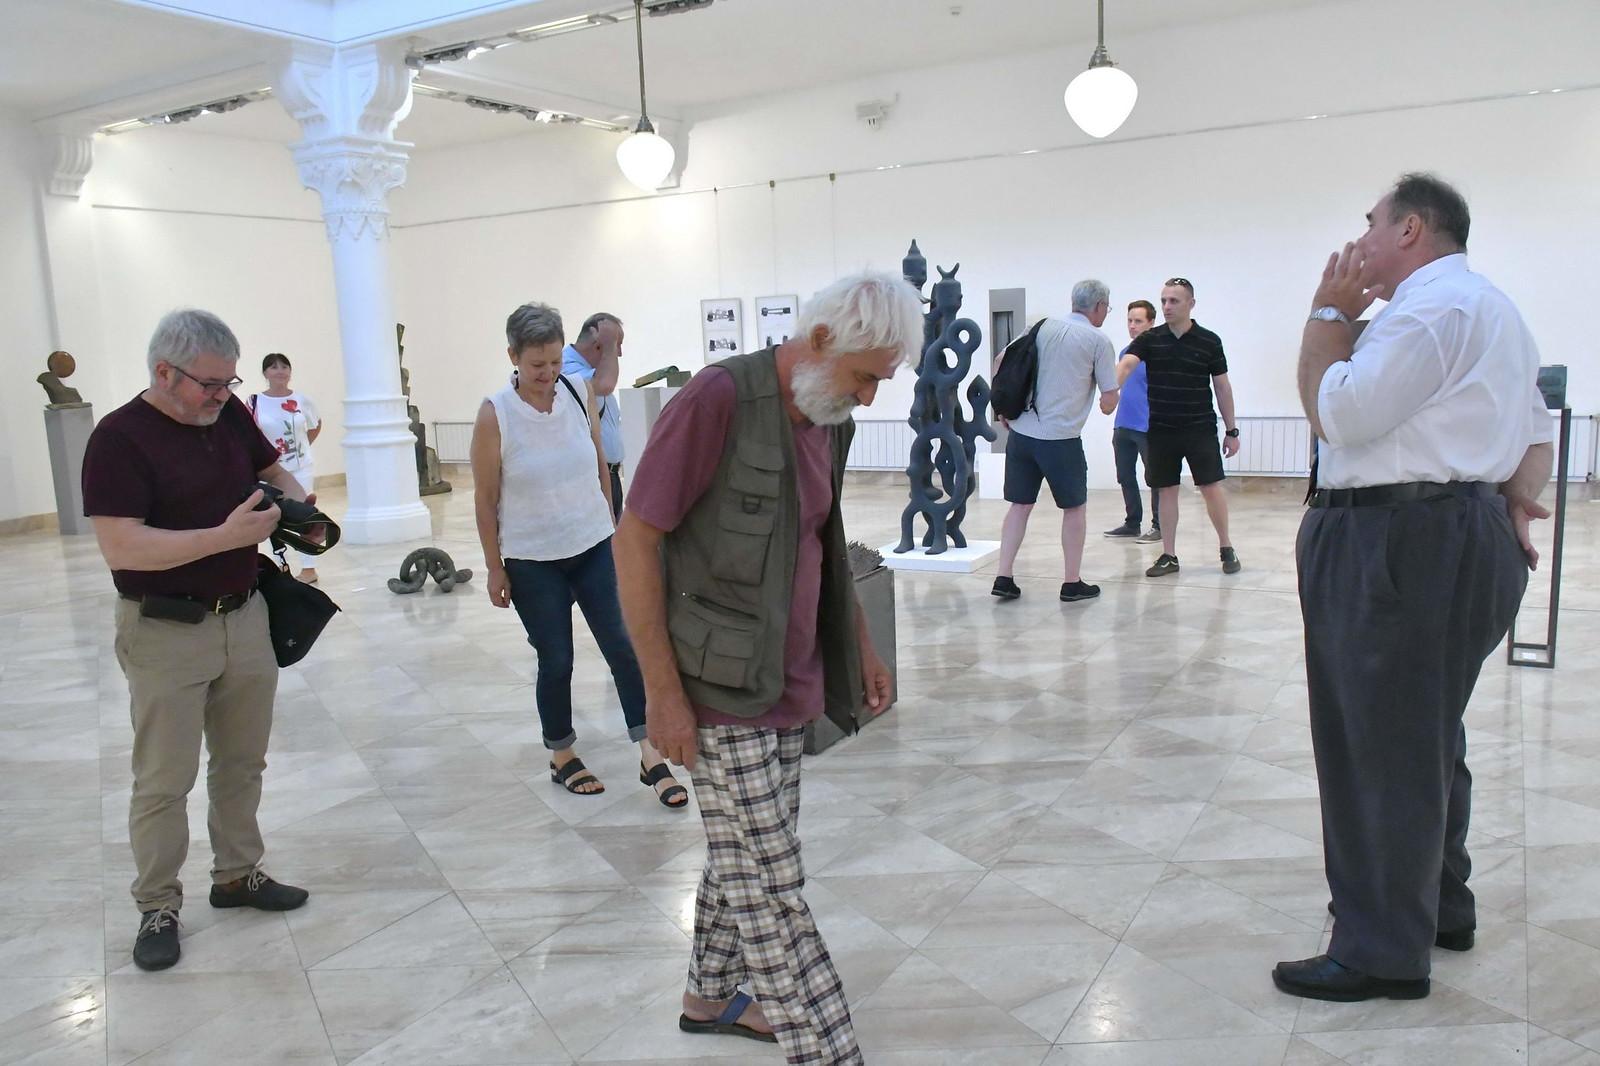 Művésztalálkozóval ért véget a 25+ kiállítás